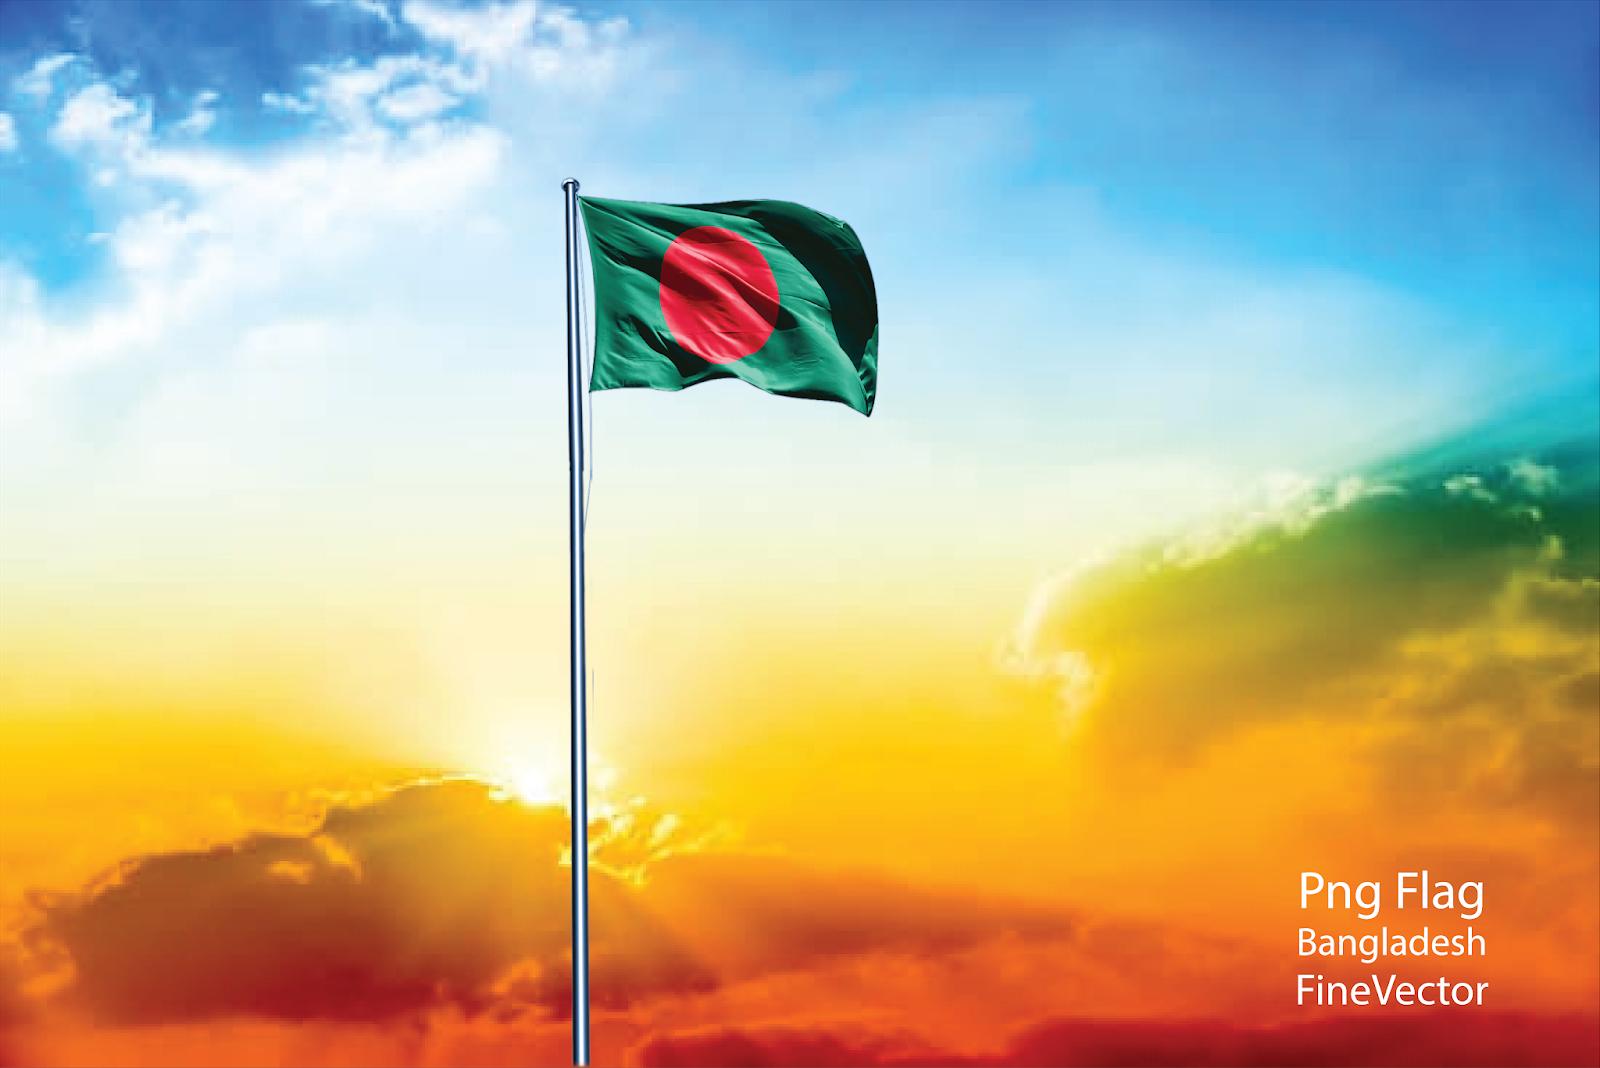 Flag Of Bangladesh Png À¦¬ À¦² À¦¦ À¦¶ À¦° À¦ªà¦¤ À¦• Fine Vector Art